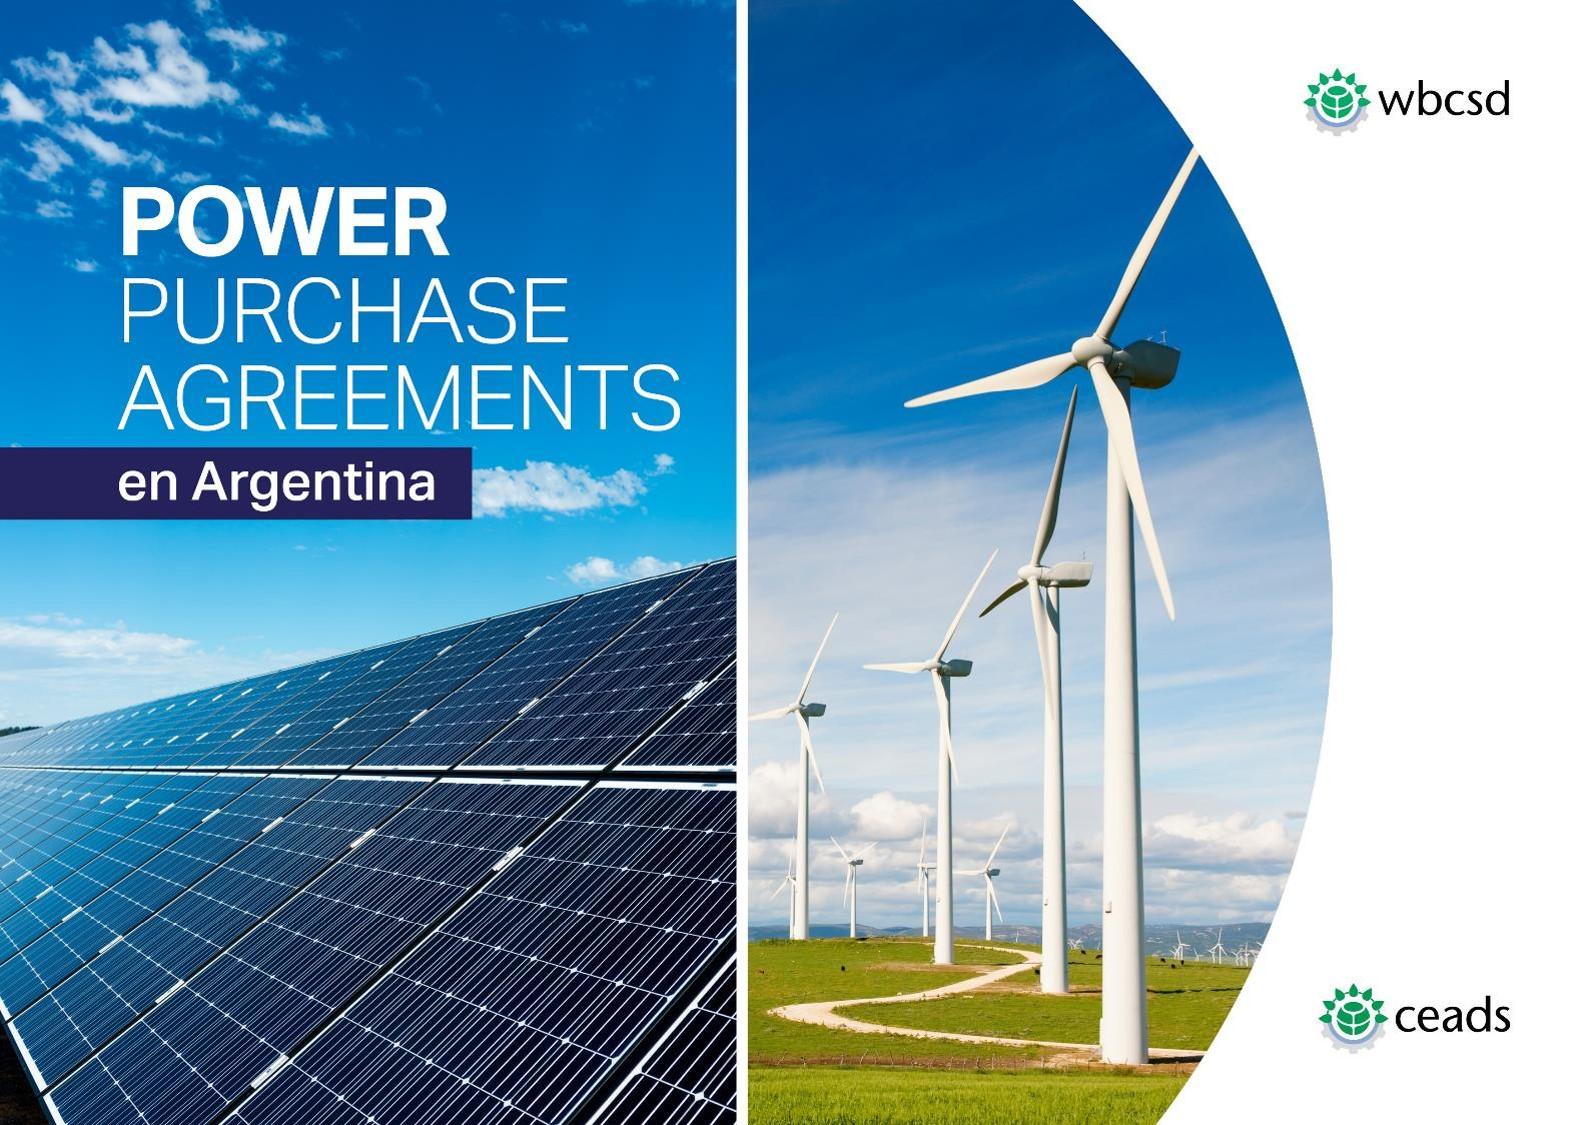 Informe sobre Acuerdos Corporativos de Compra de energía renovable en Argentina